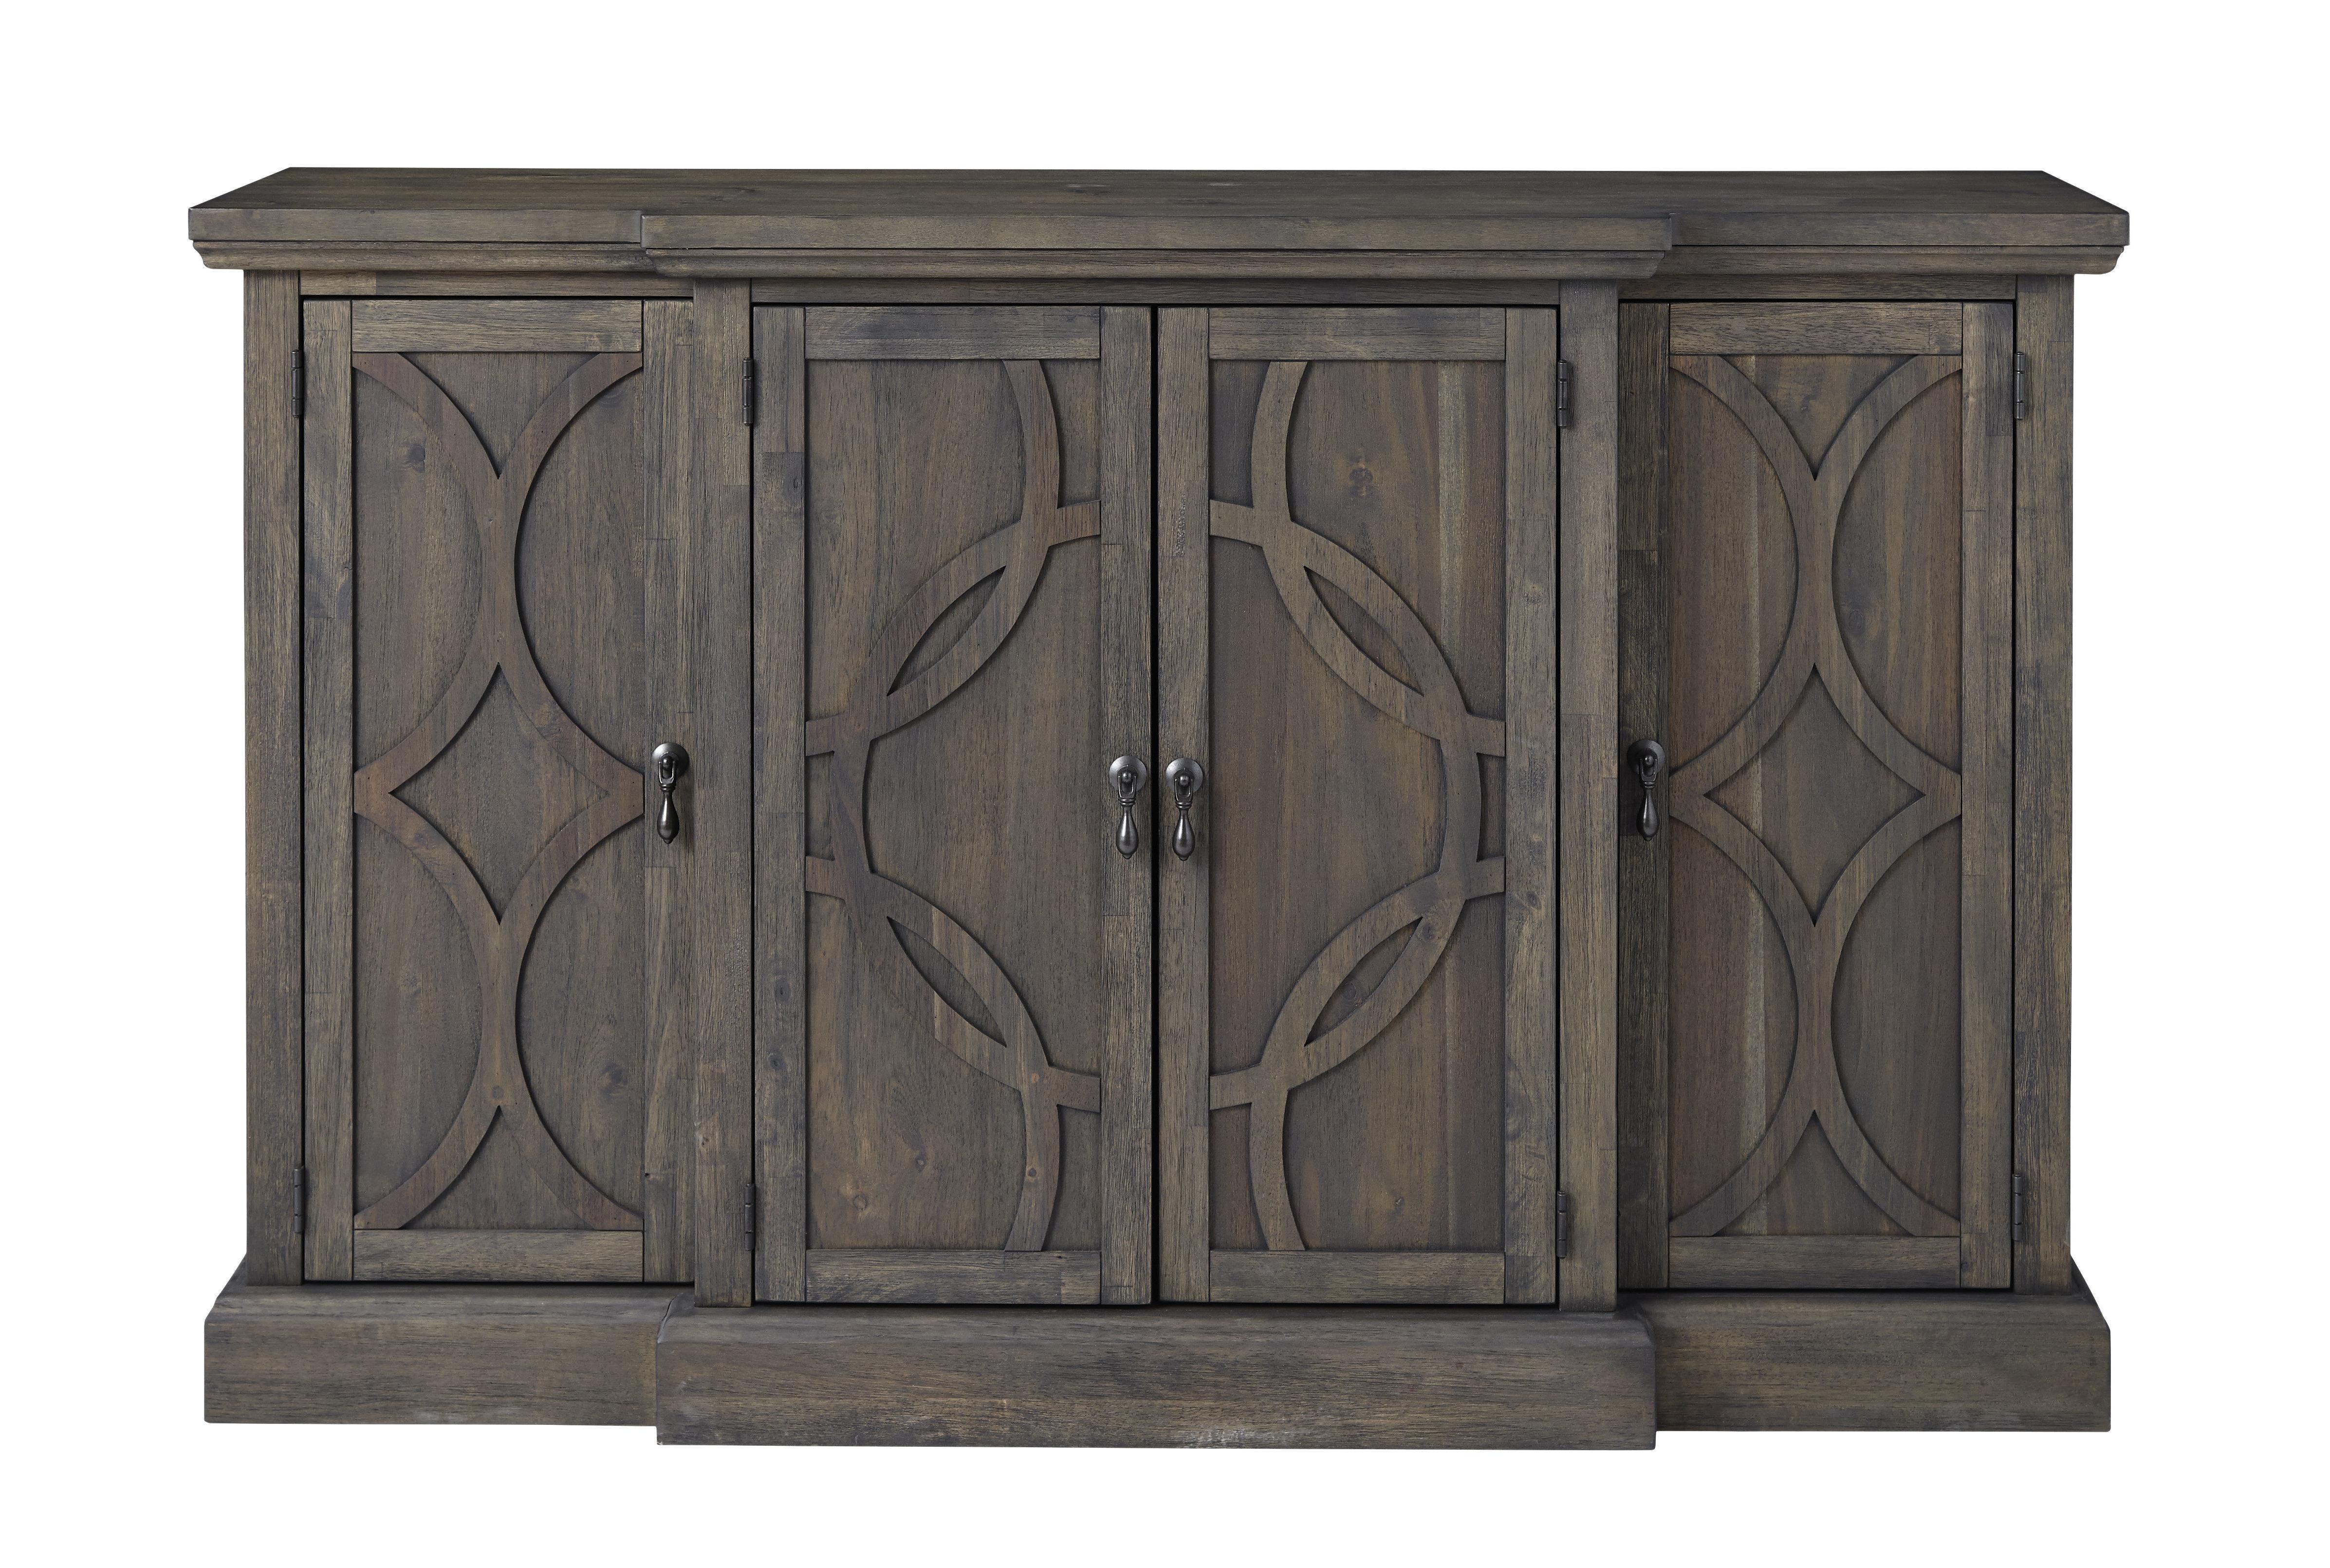 Medium Oak Sideboard | Wayfair Pertaining To Fortville Sideboards (View 19 of 20)